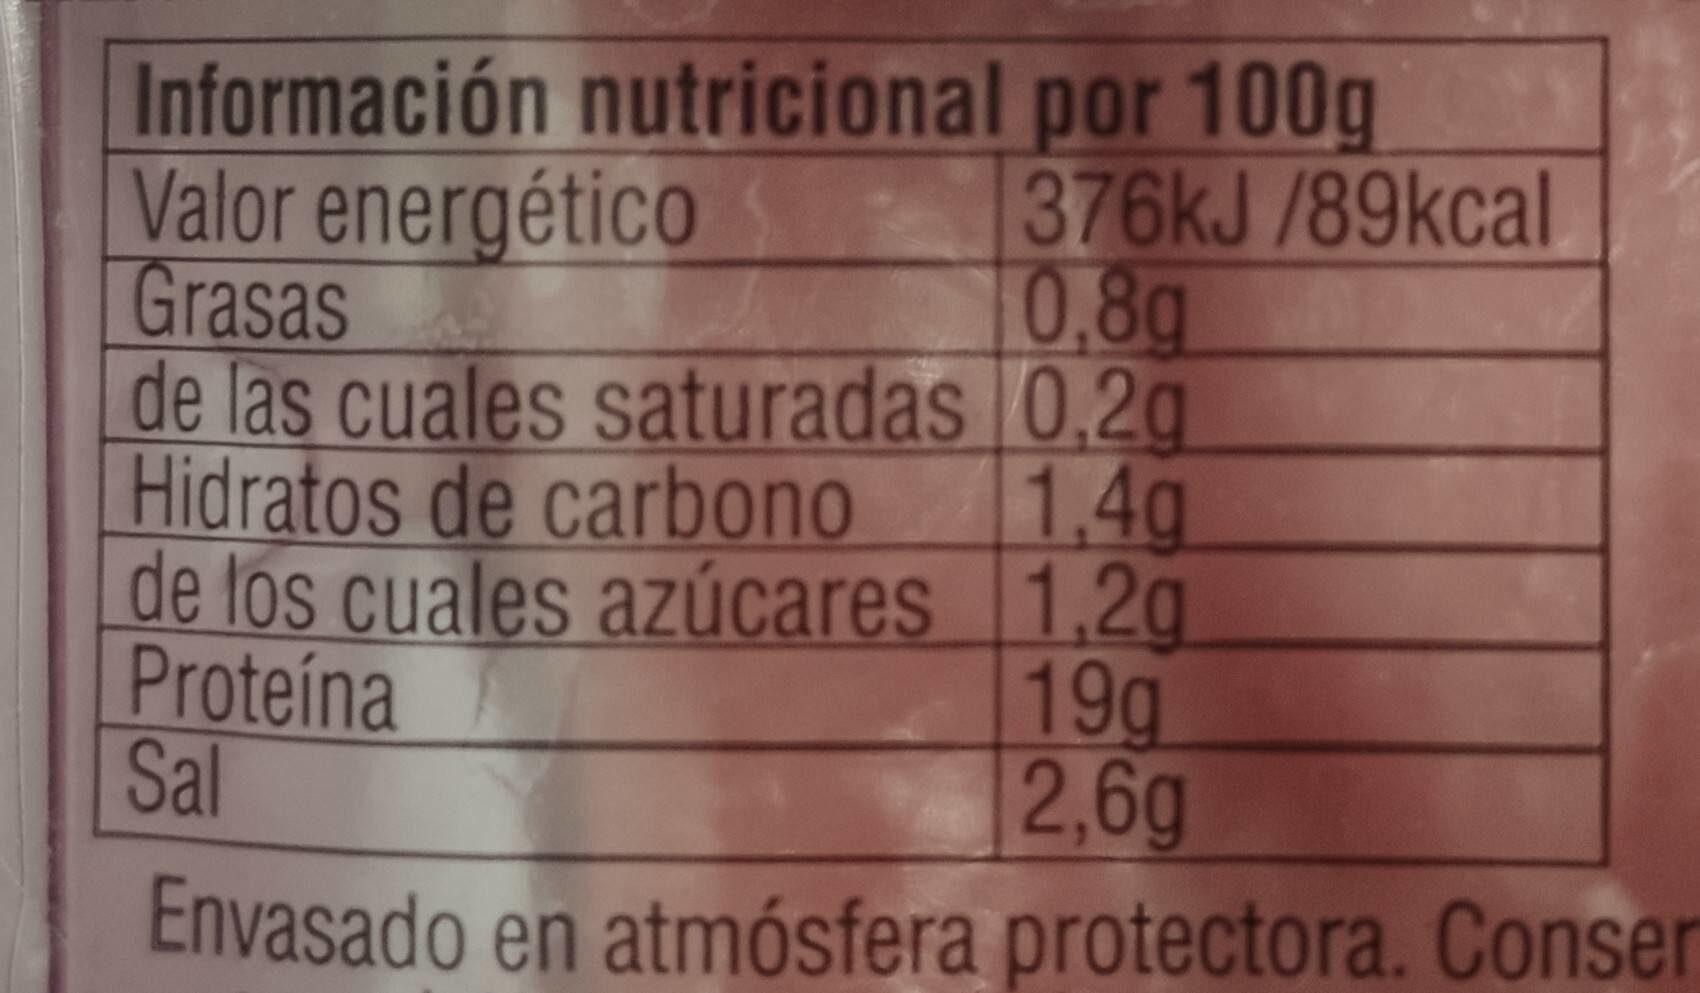 Extrafinos de psvo - Información nutricional